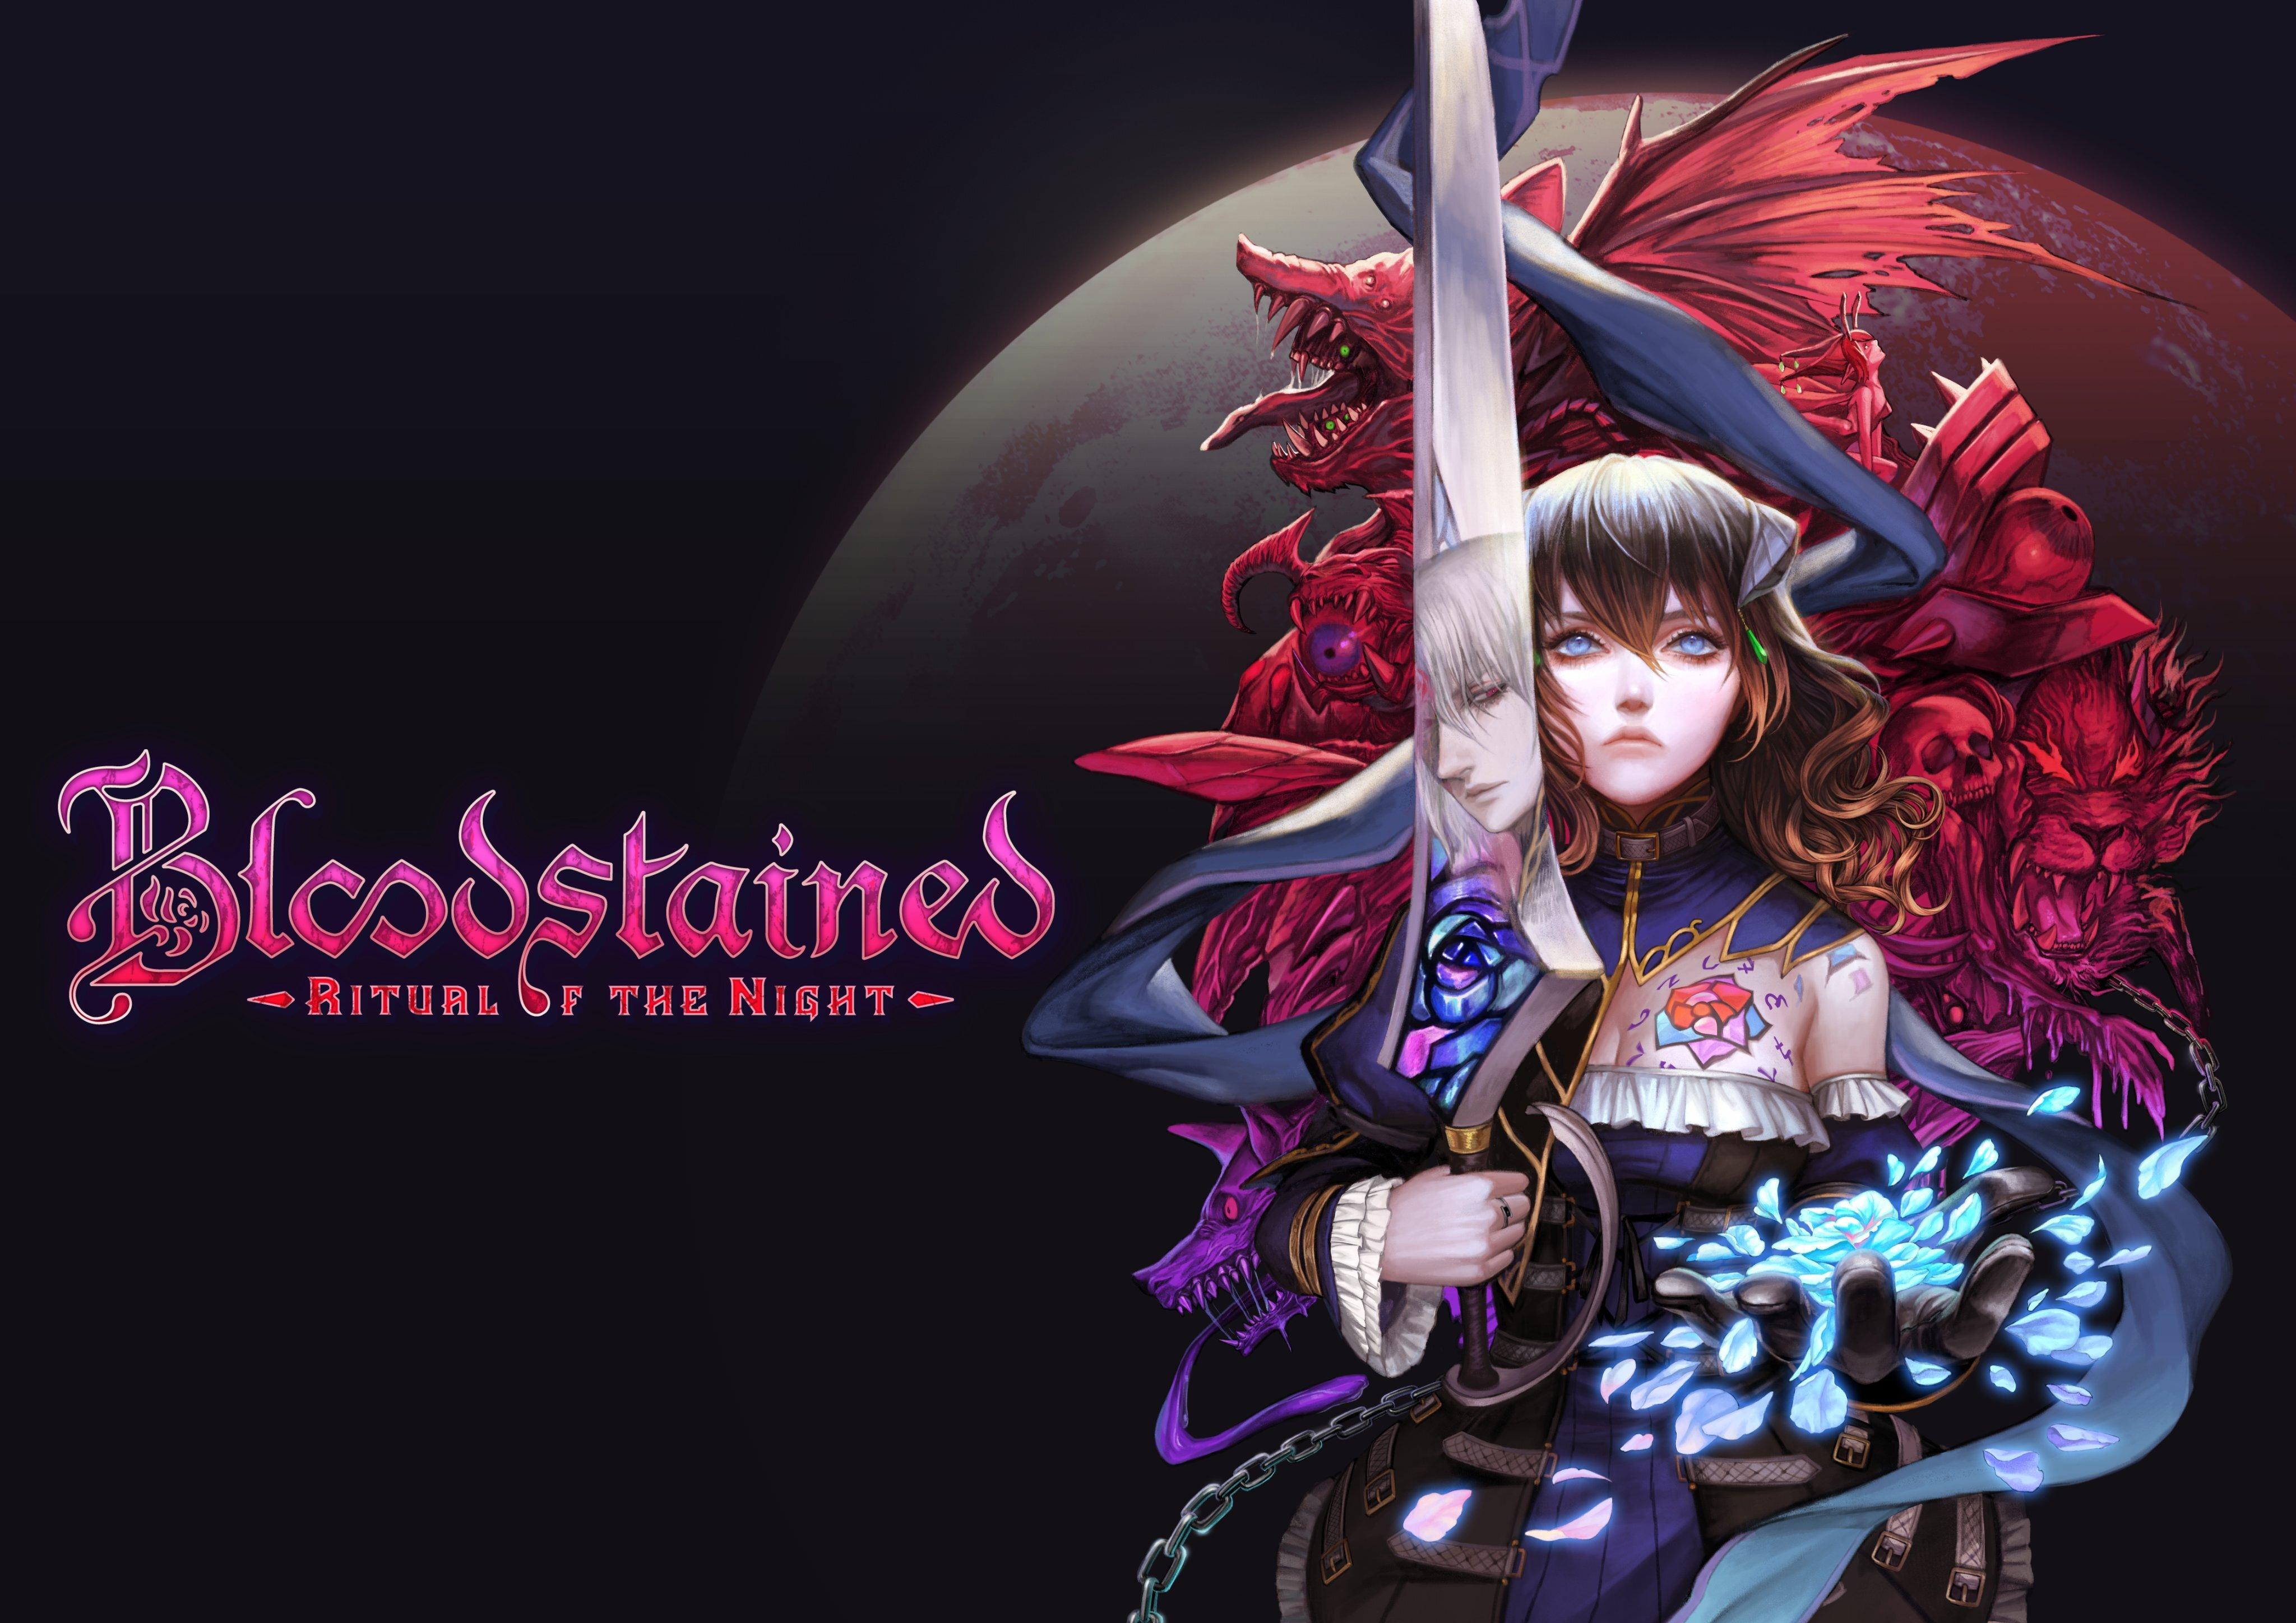 505 Games宣布《赤痕:夜之仪式》续作开发 还由一代团队操刀